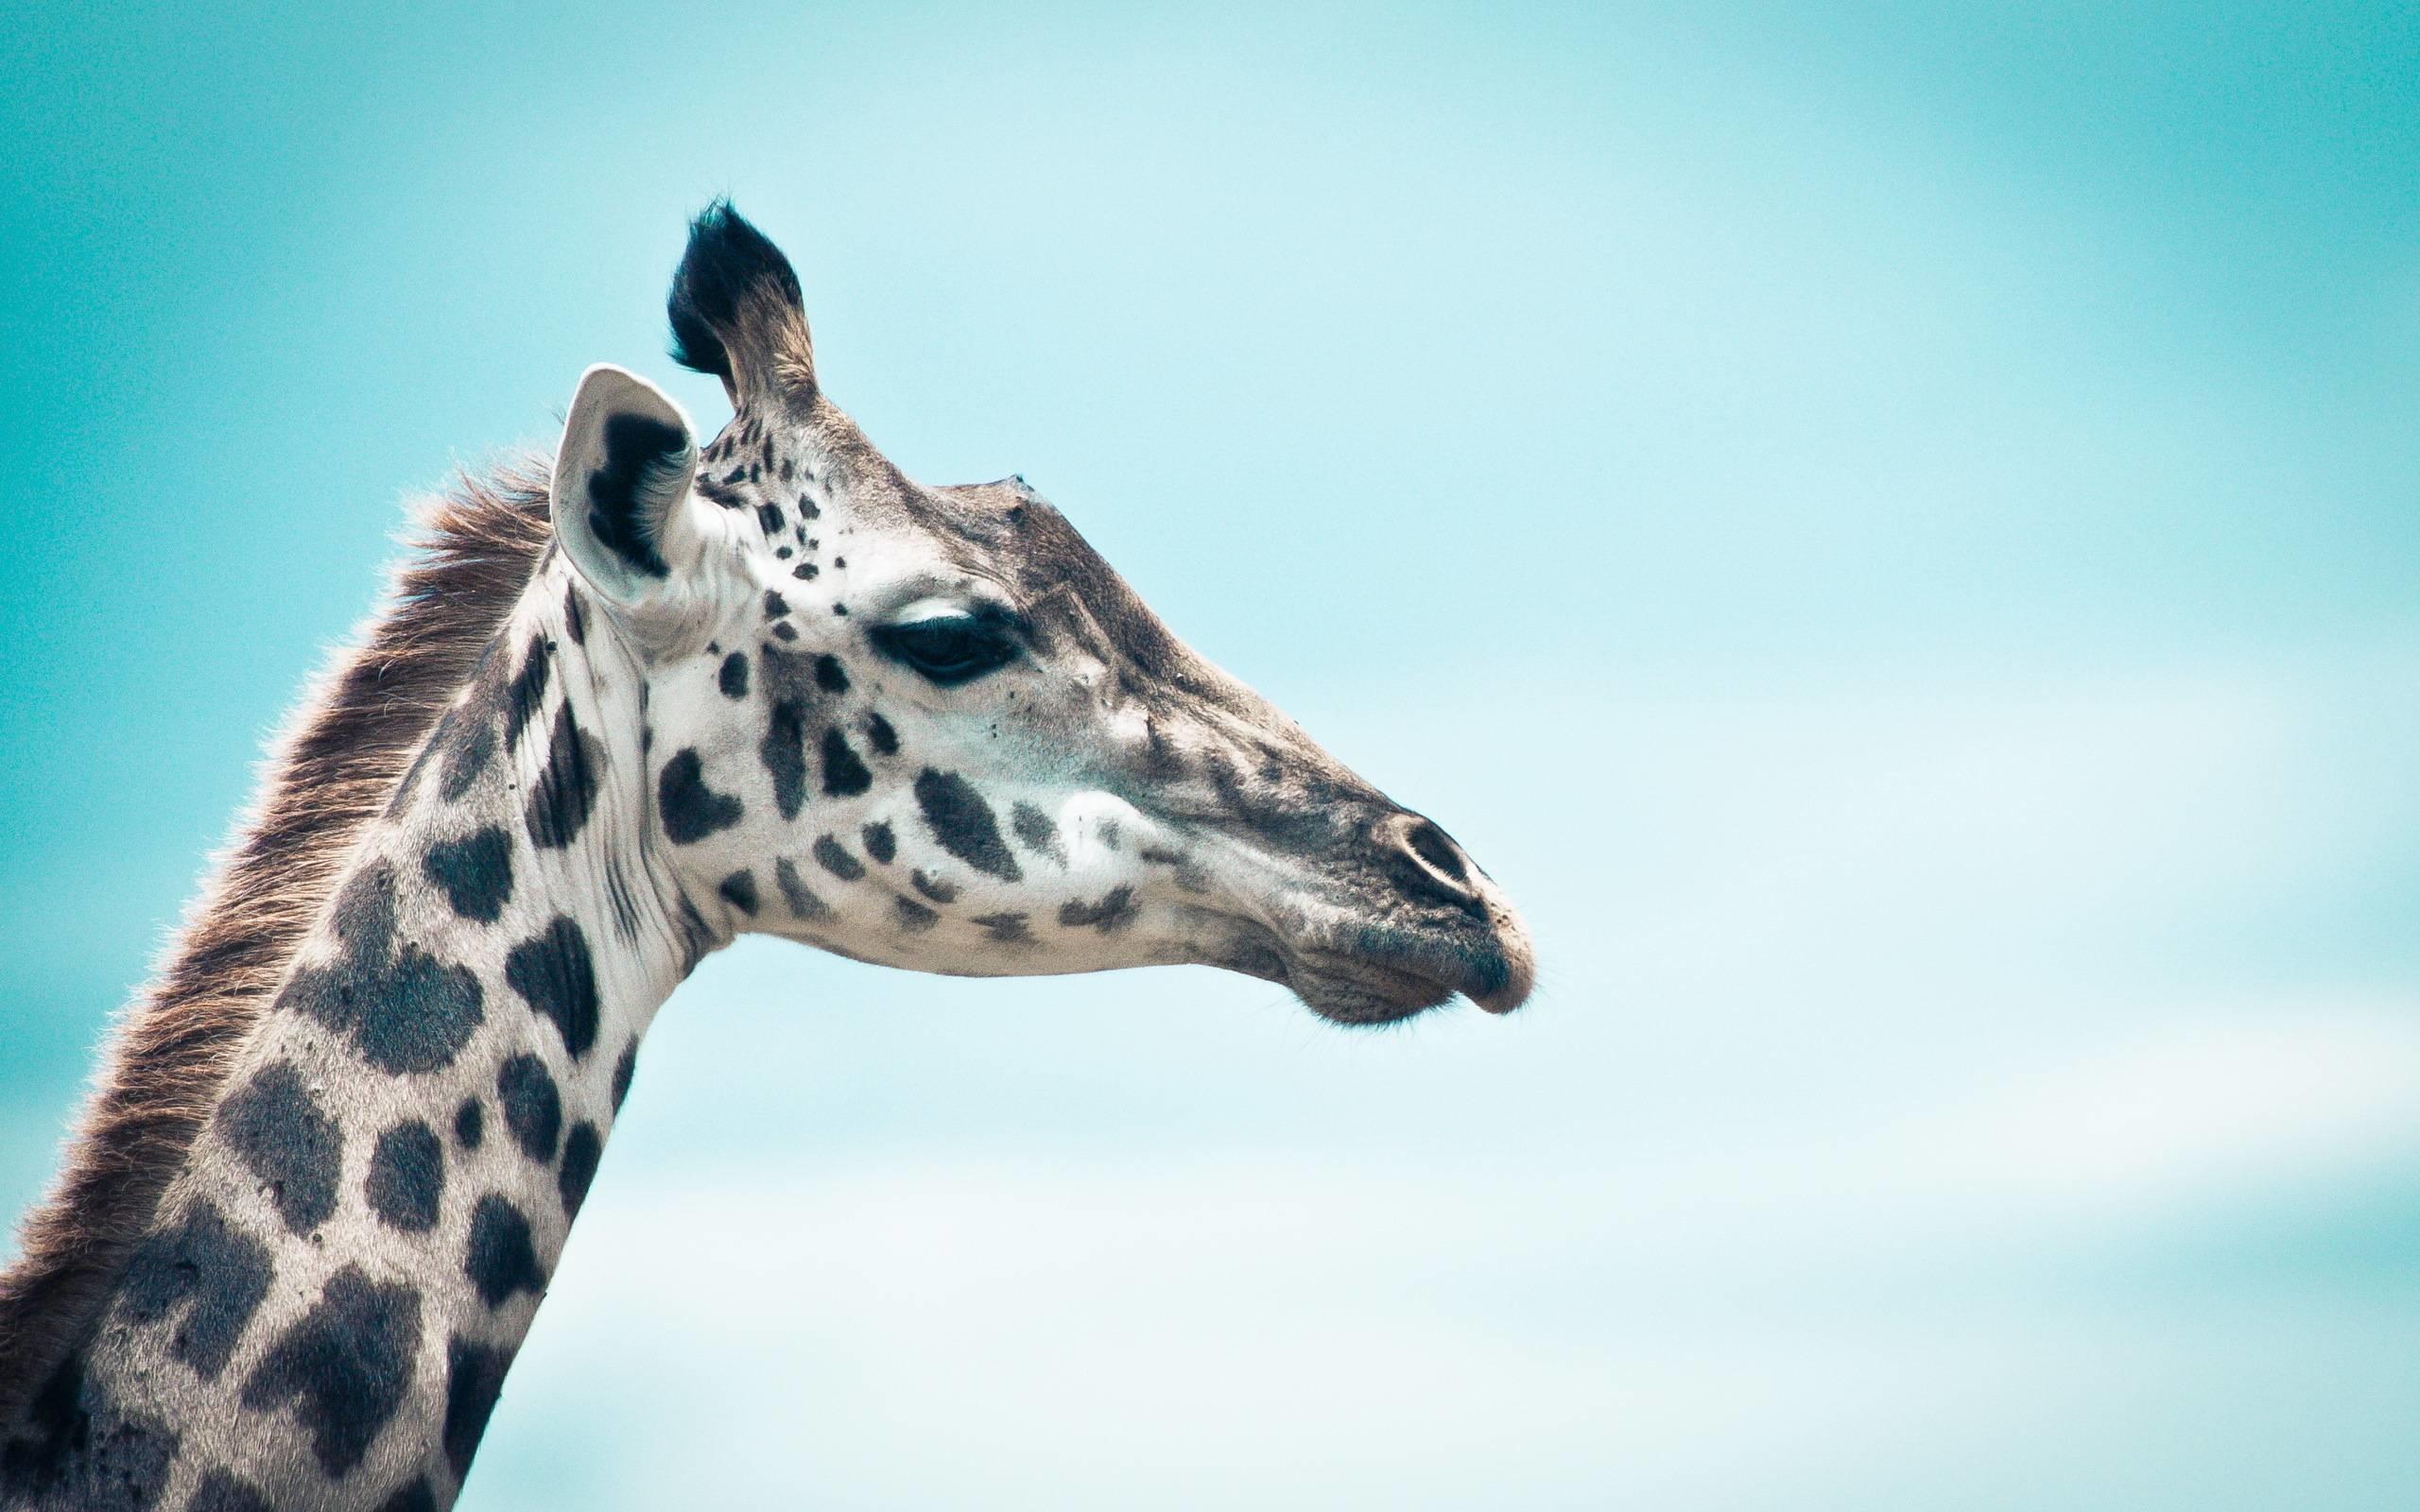 Giraffe Screensaver Impre Media